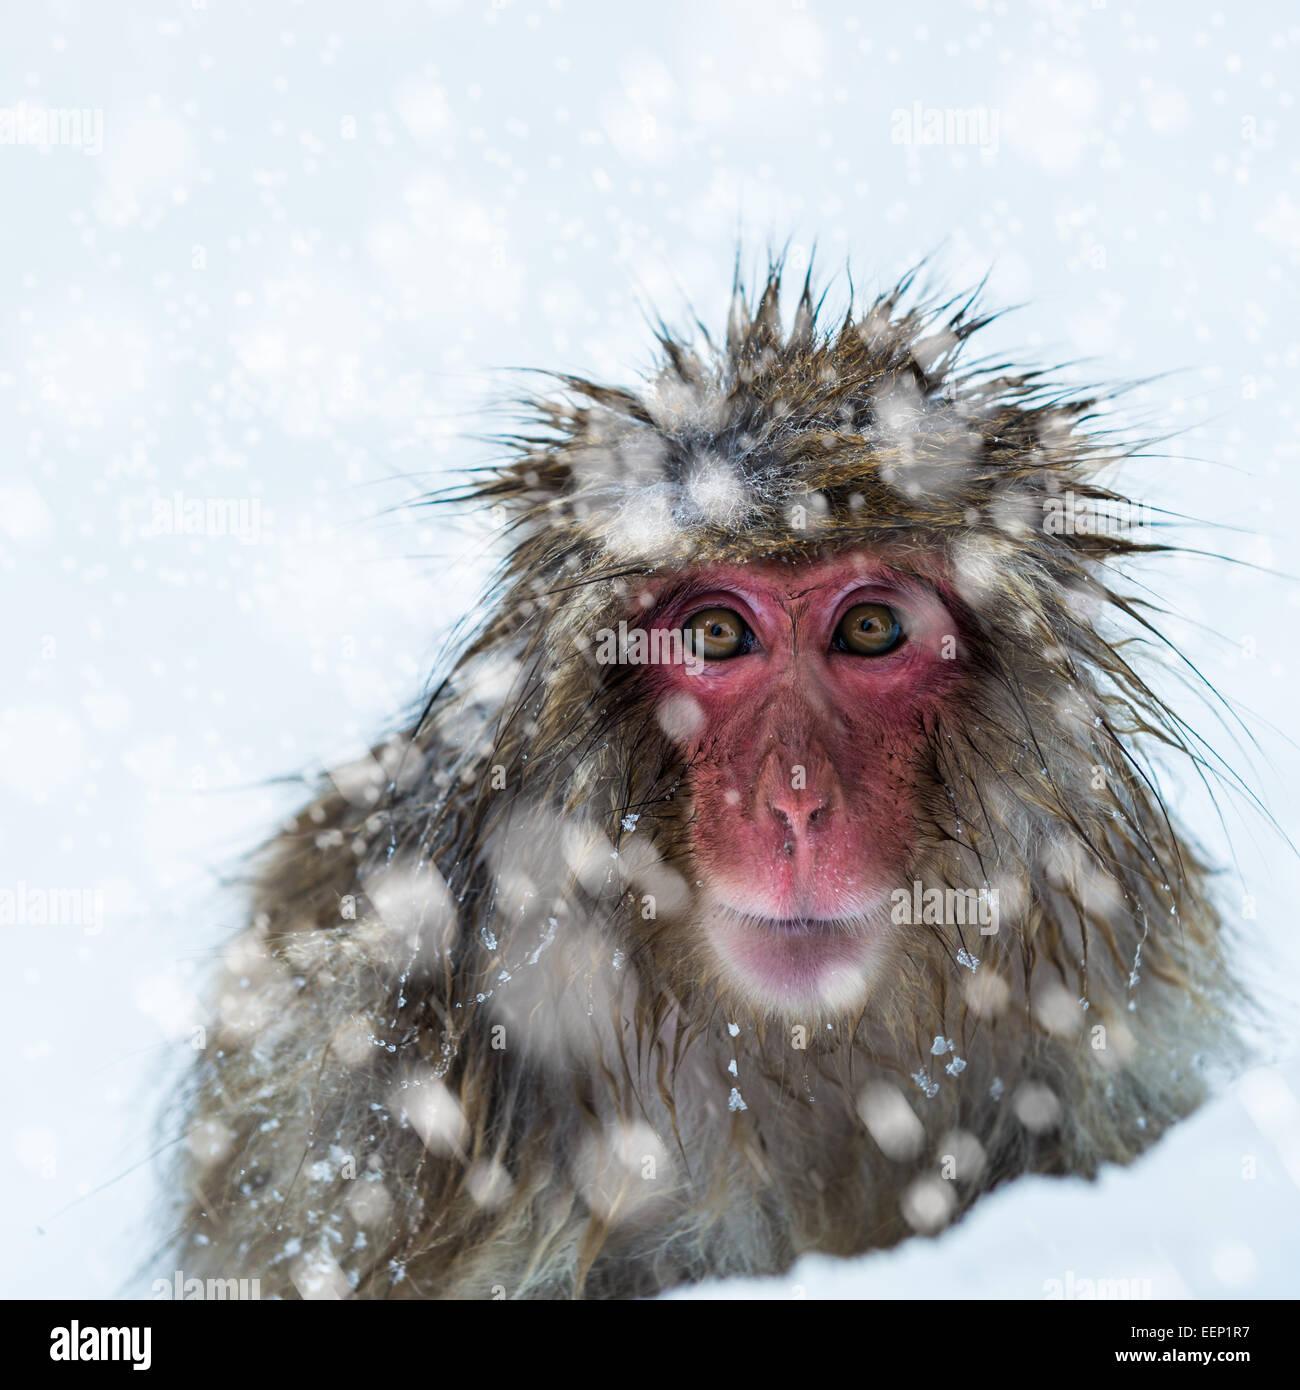 Mono de nieve en el parque de monos Jigokudani en la Prefectura de Nagano, Japón. Imagen De Stock